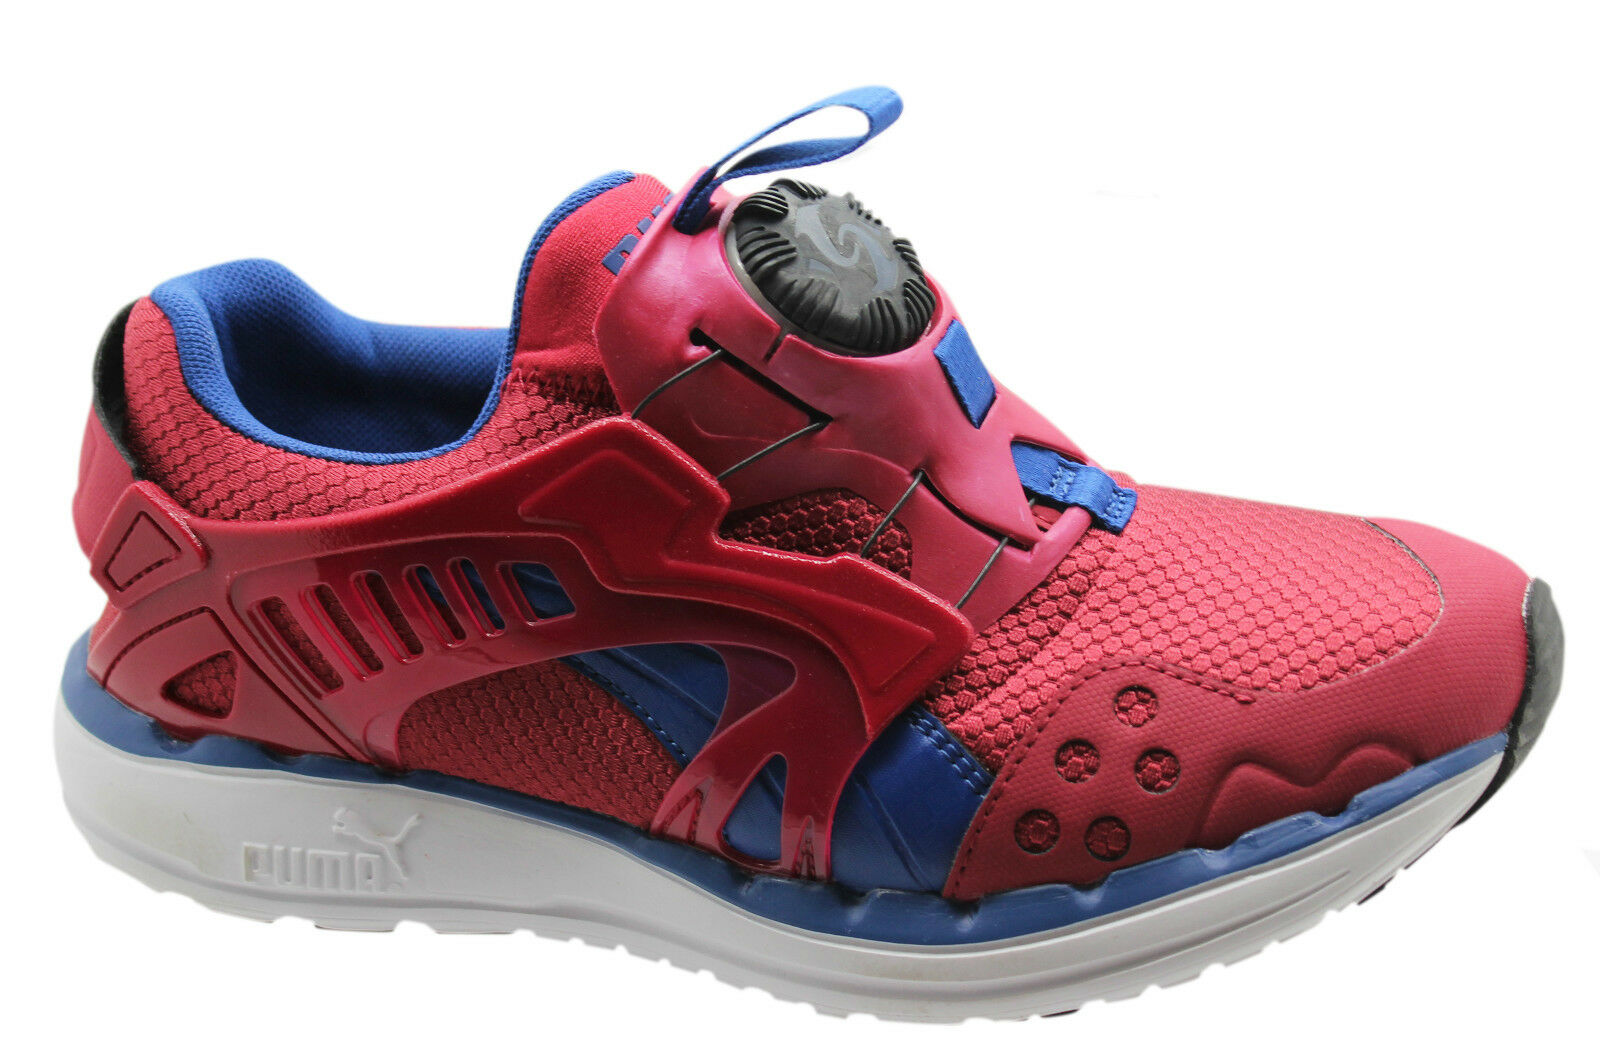 Puma Ftr Future Mens Disc Lite Core + Mens Future Trainers ROT Blau Slip On 356953 02 U103 dd75de